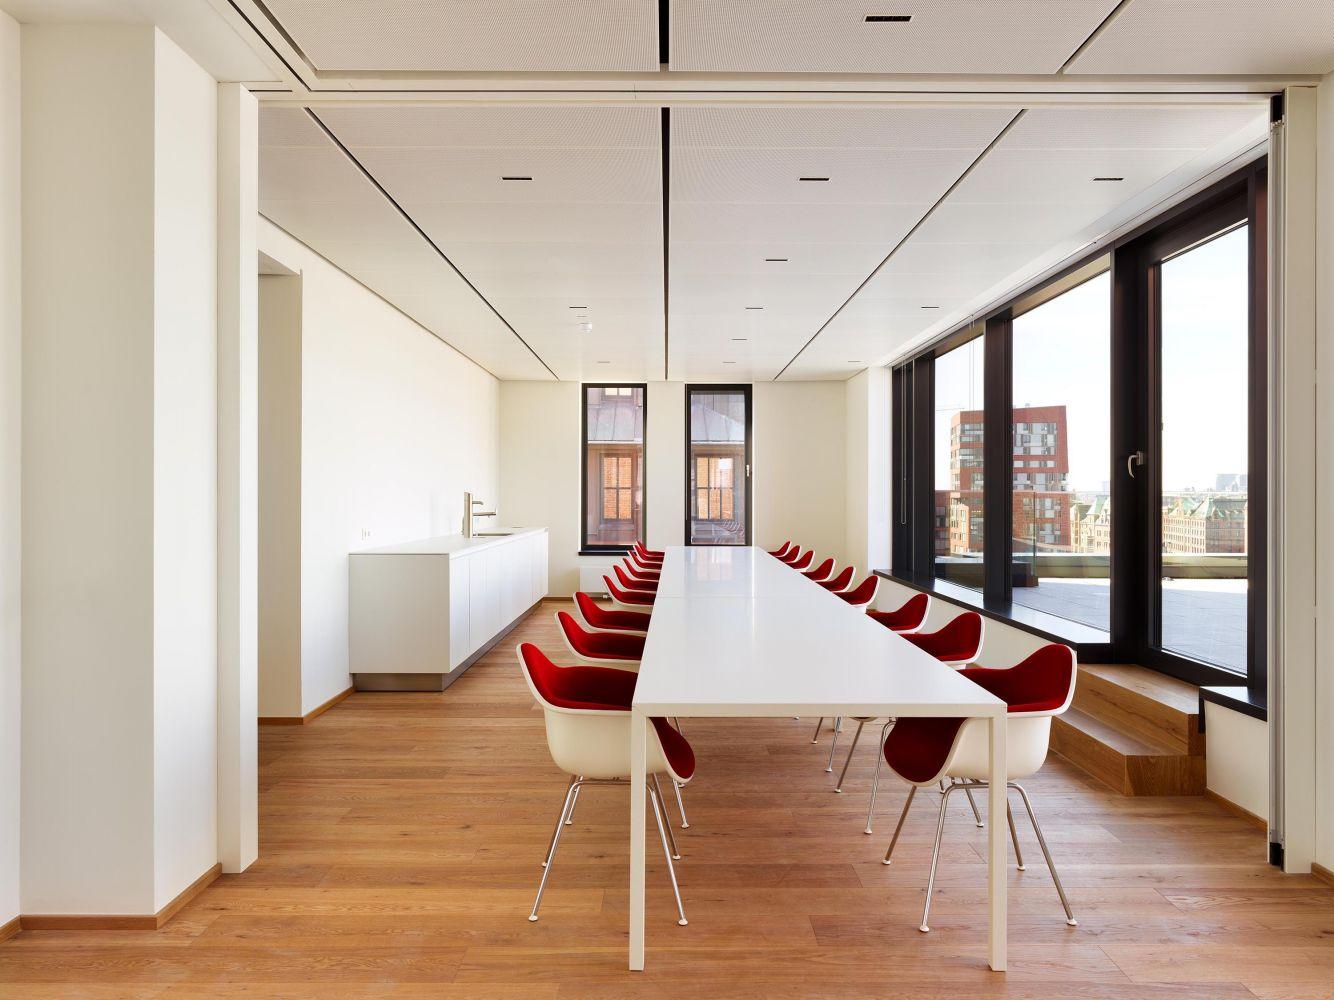 gebr heinemann g rtner internationale m bel. Black Bedroom Furniture Sets. Home Design Ideas